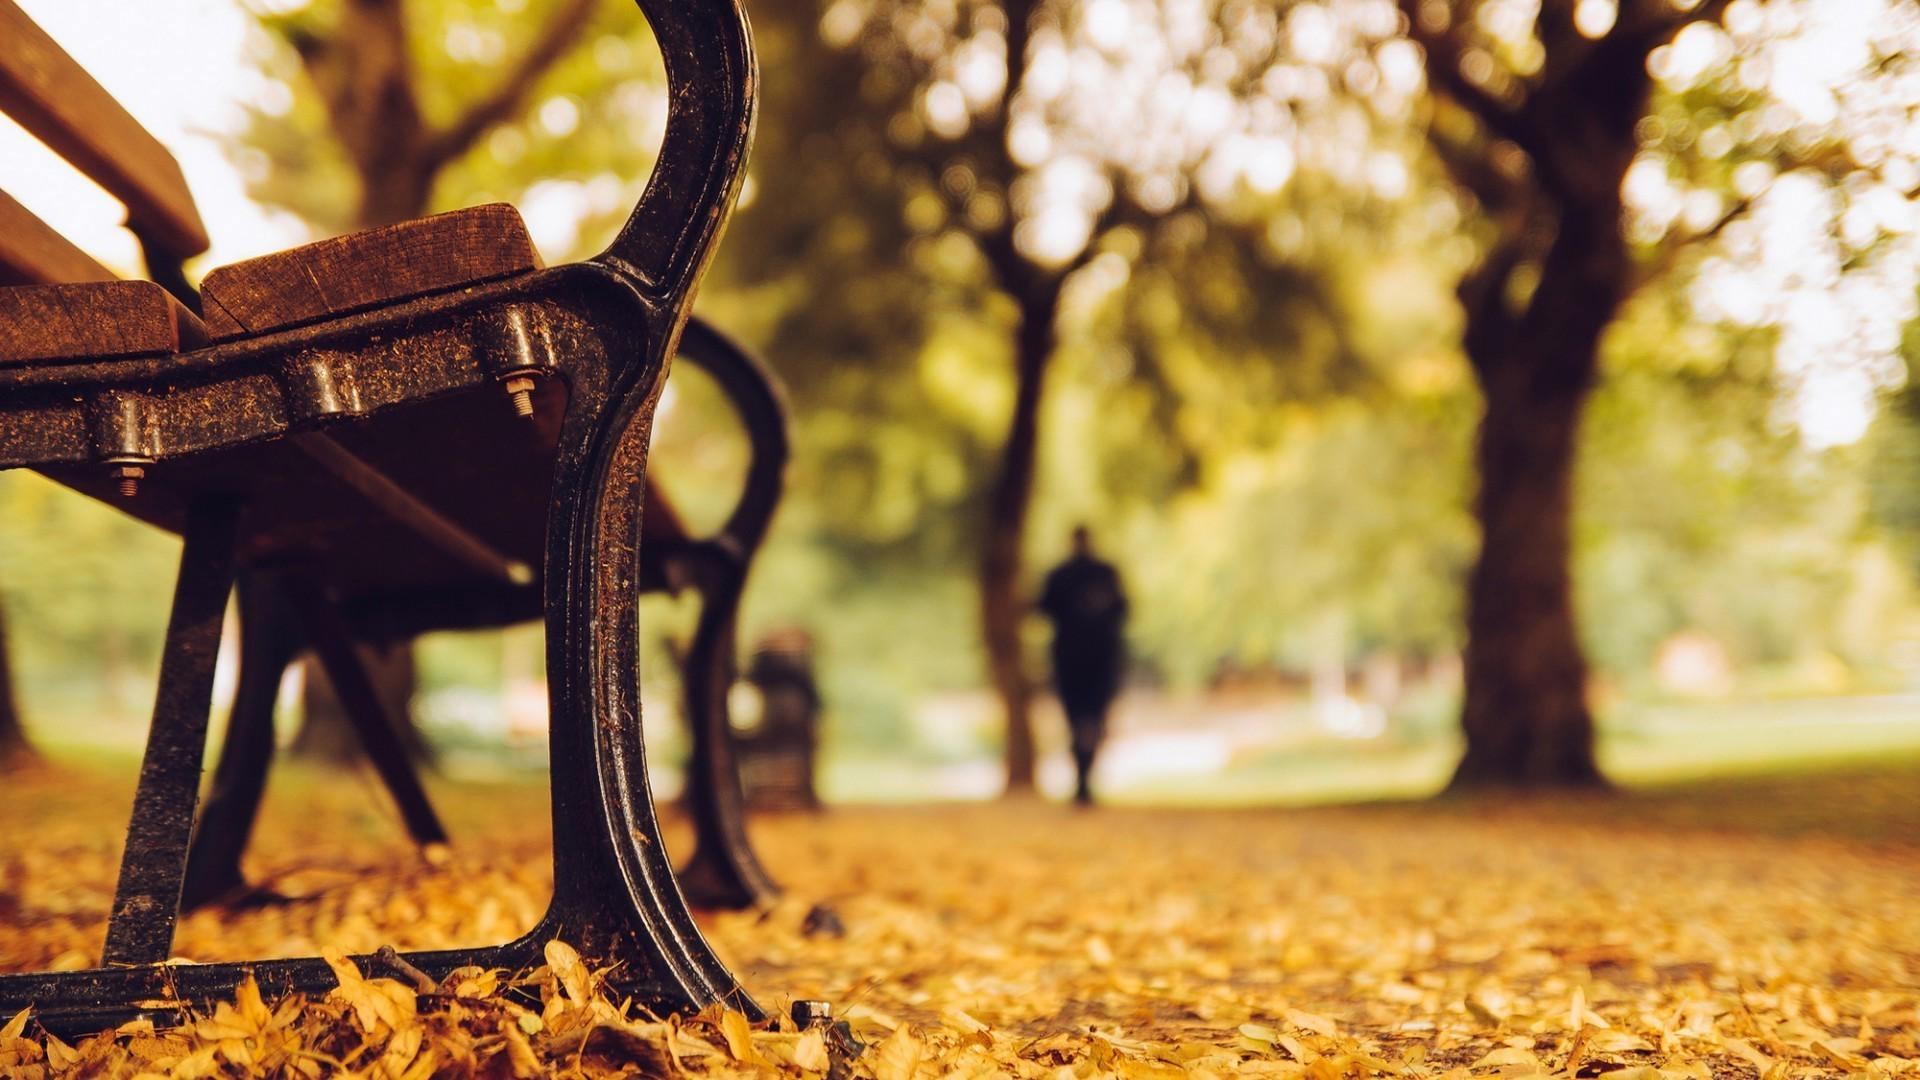 Обои рабочего стола лавочка в парке